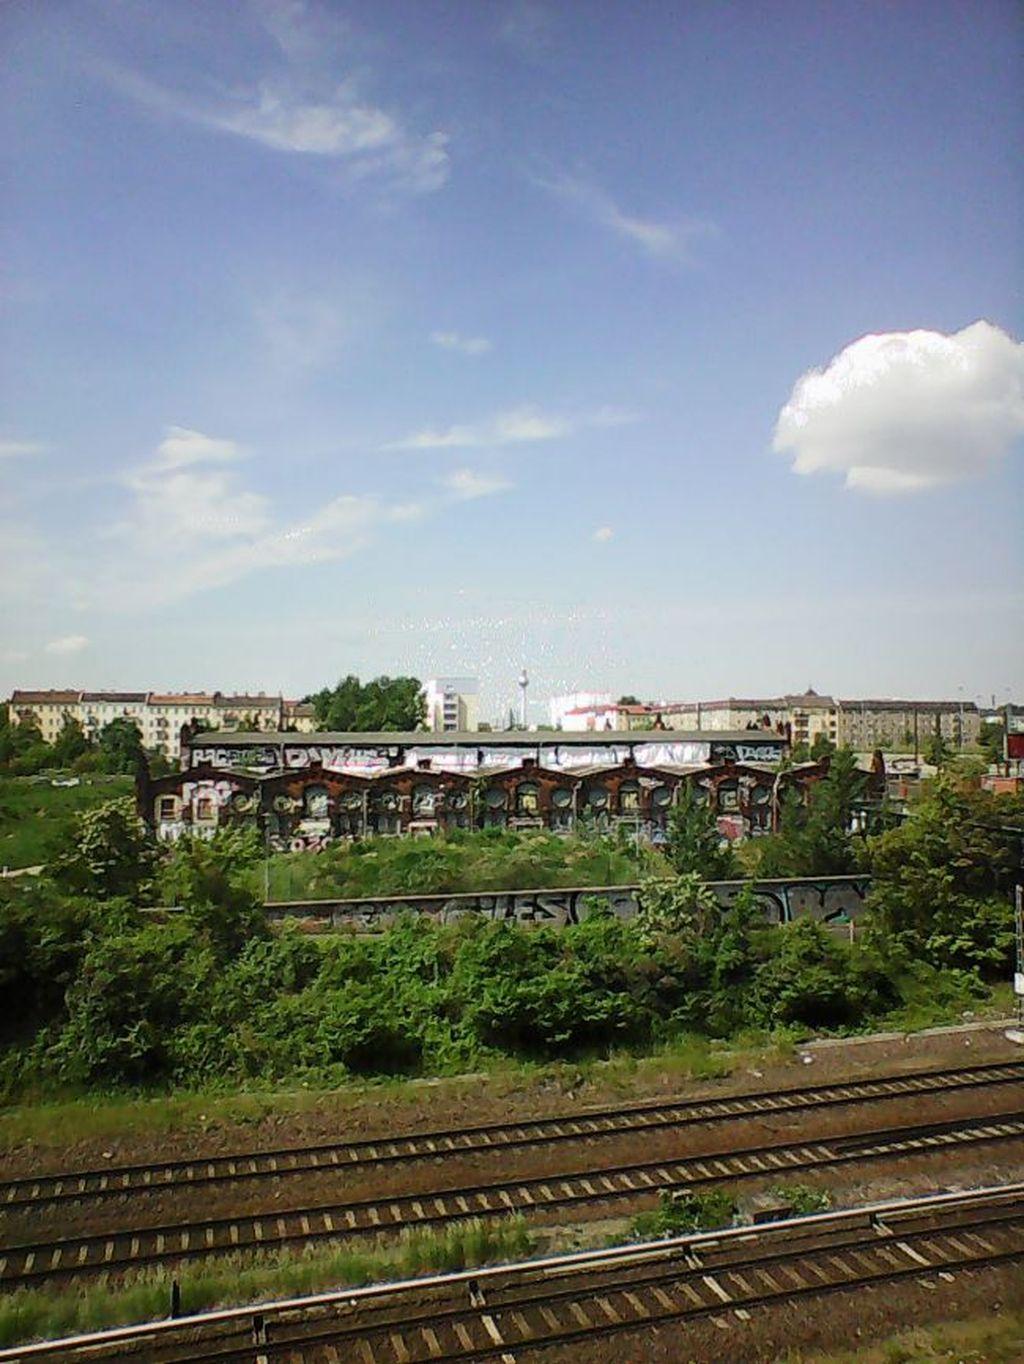 Potret landscape kota Berlin dikondisi siang hari. Tampak hasil foto kurang mendetail.(Foto: Dok. Techradar)